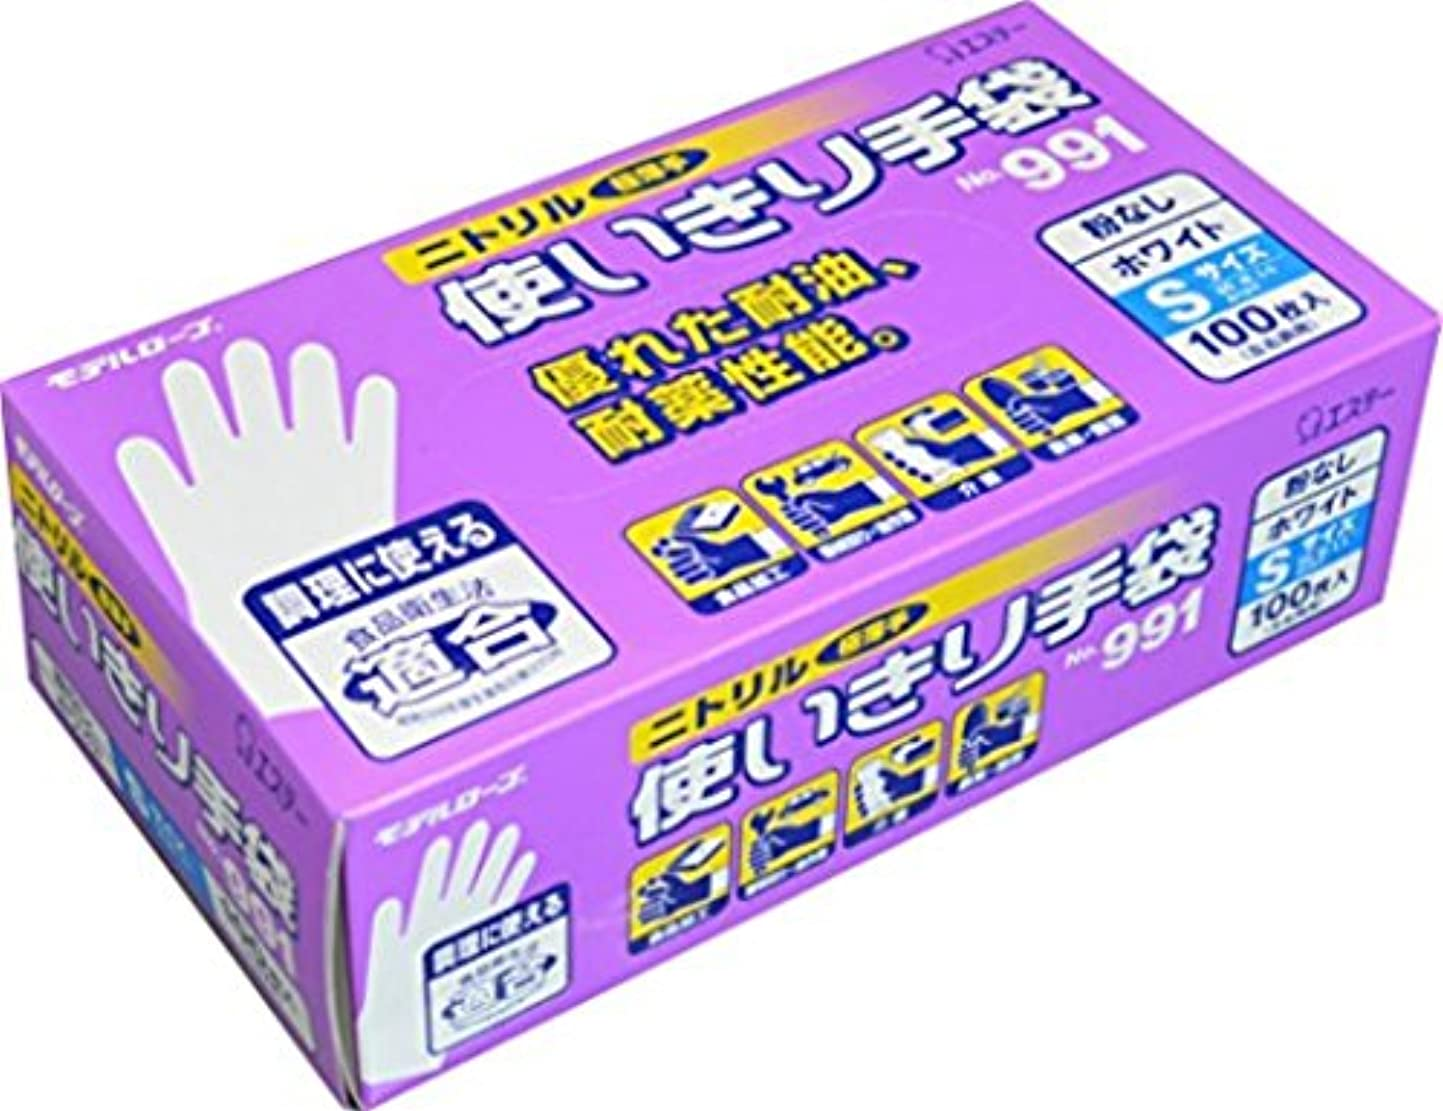 審判君主到着する(まとめ買い)エステー ニトリル使いきり手袋粉無No.991ホワイトS 100枚【×2セット】